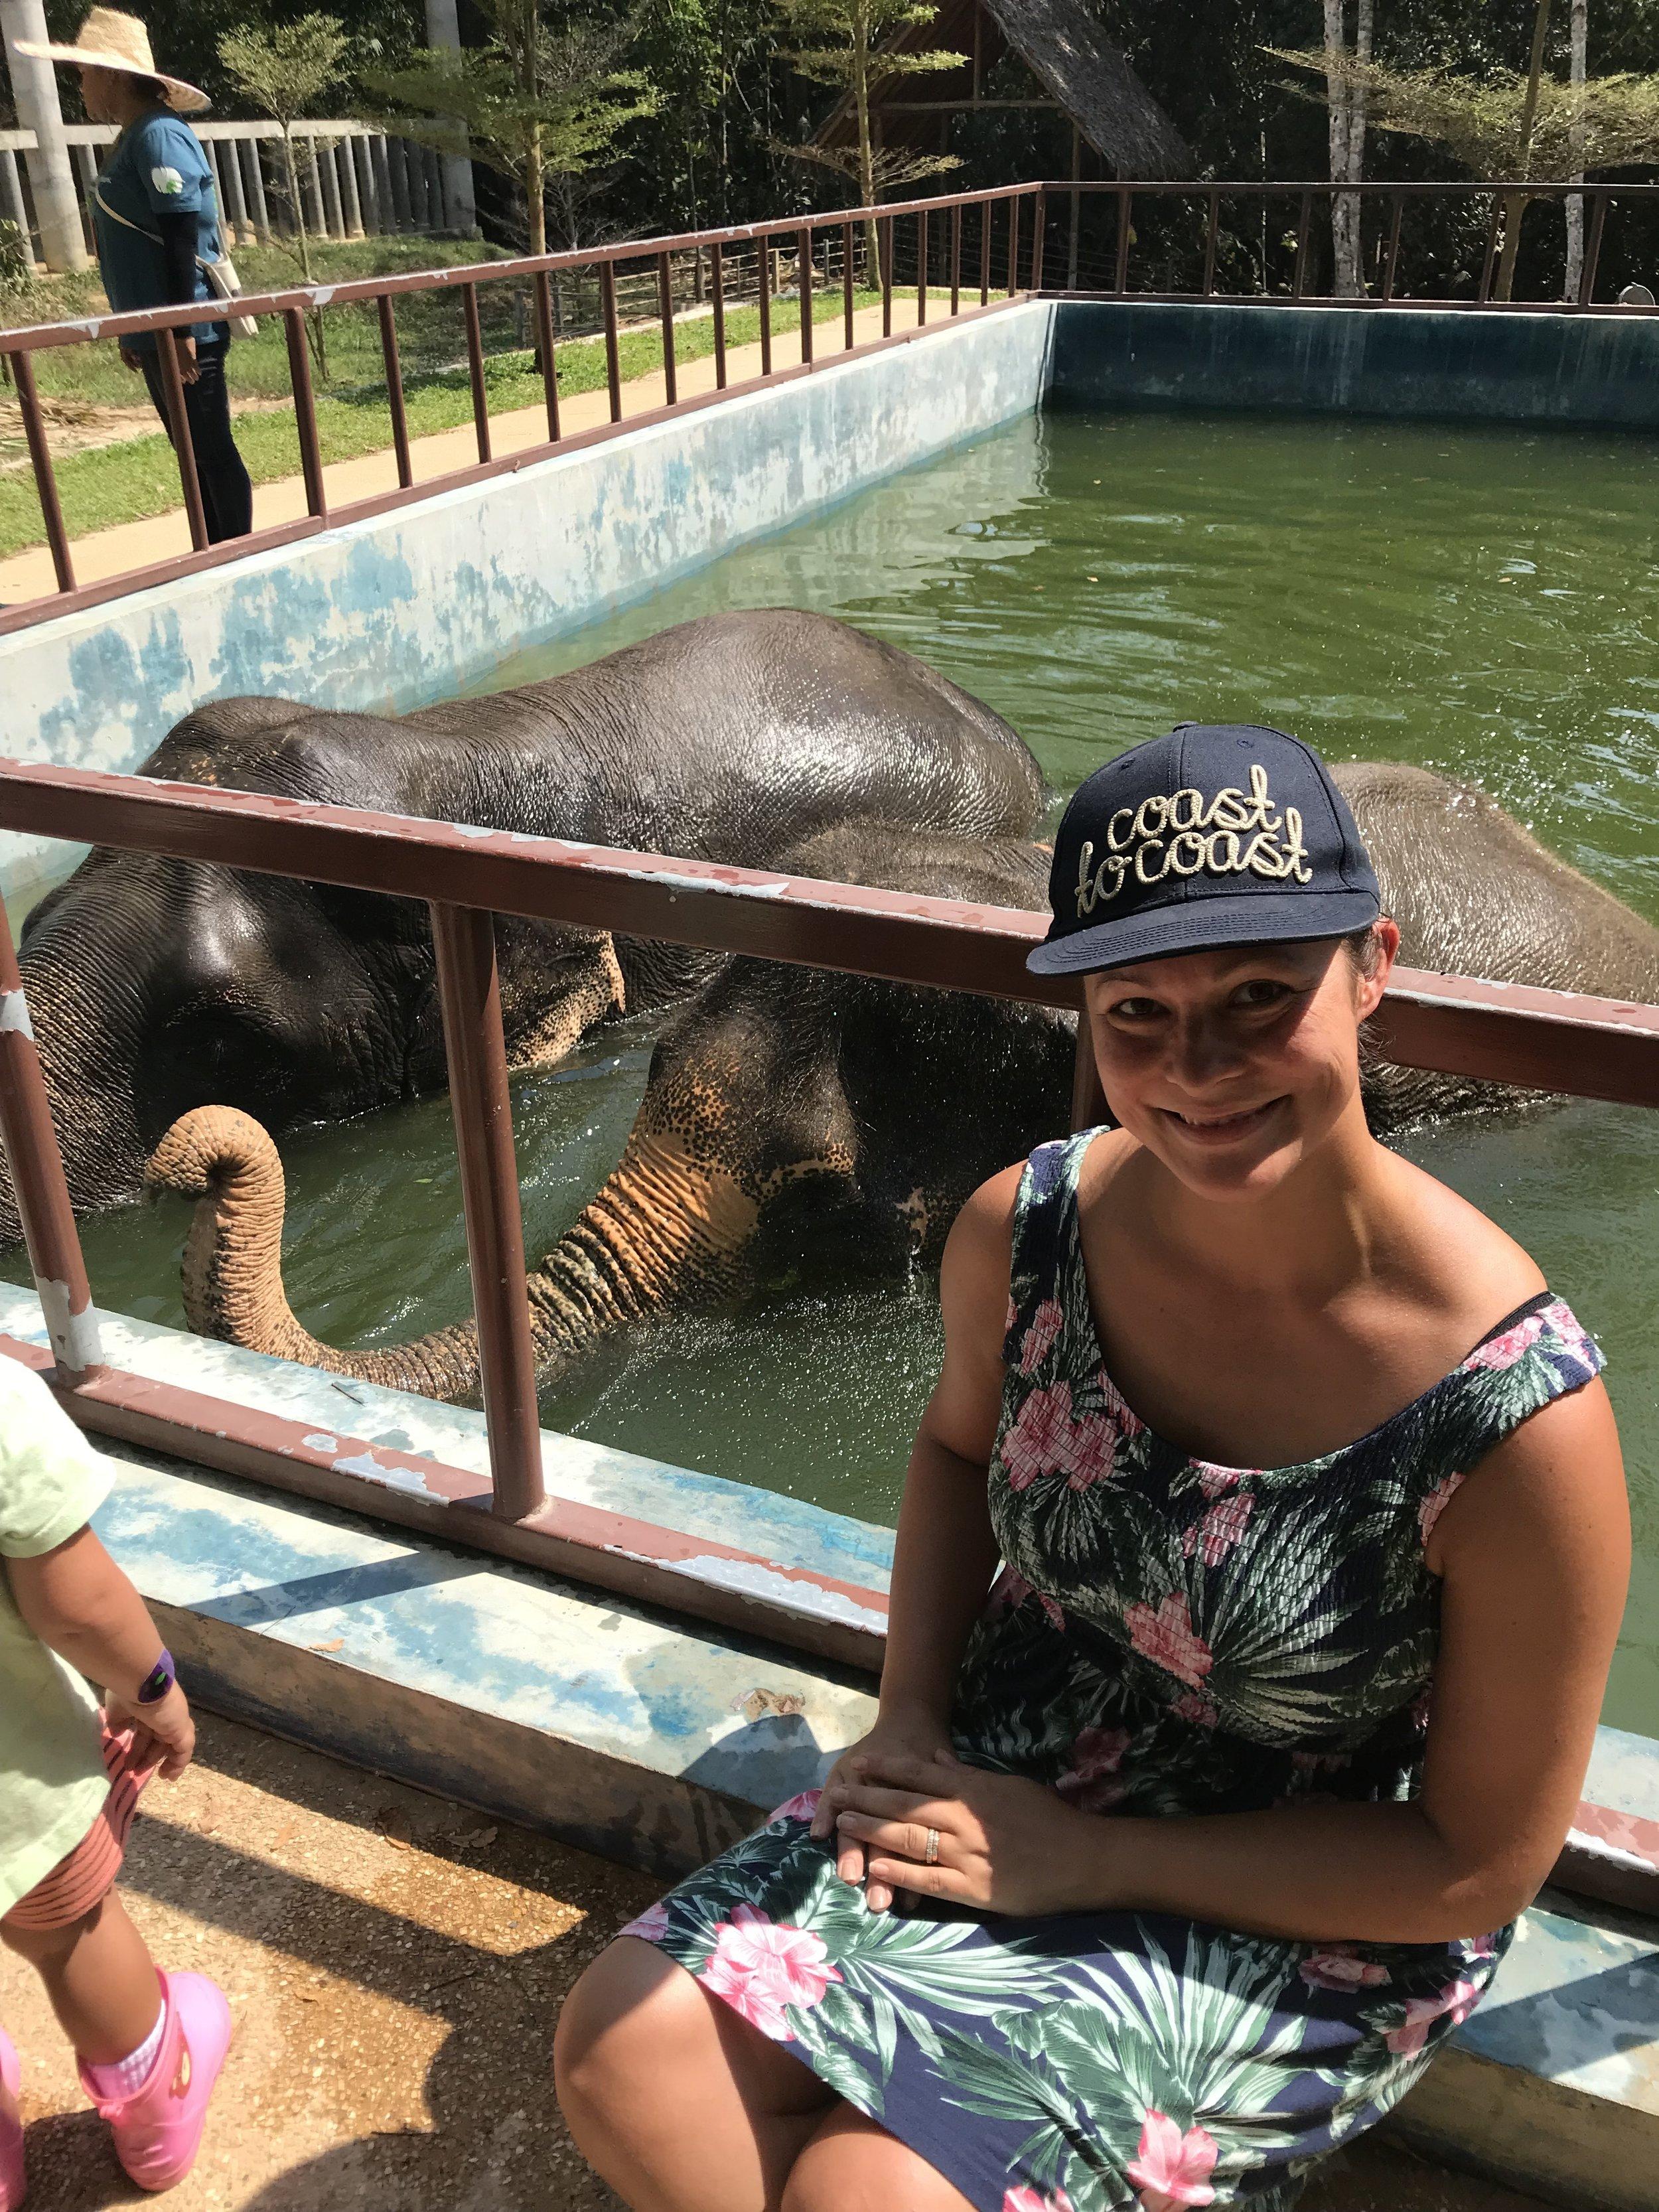 Suojelukeskuksessa pääset lähelle norsuja kuvan ottamisen ajaksi